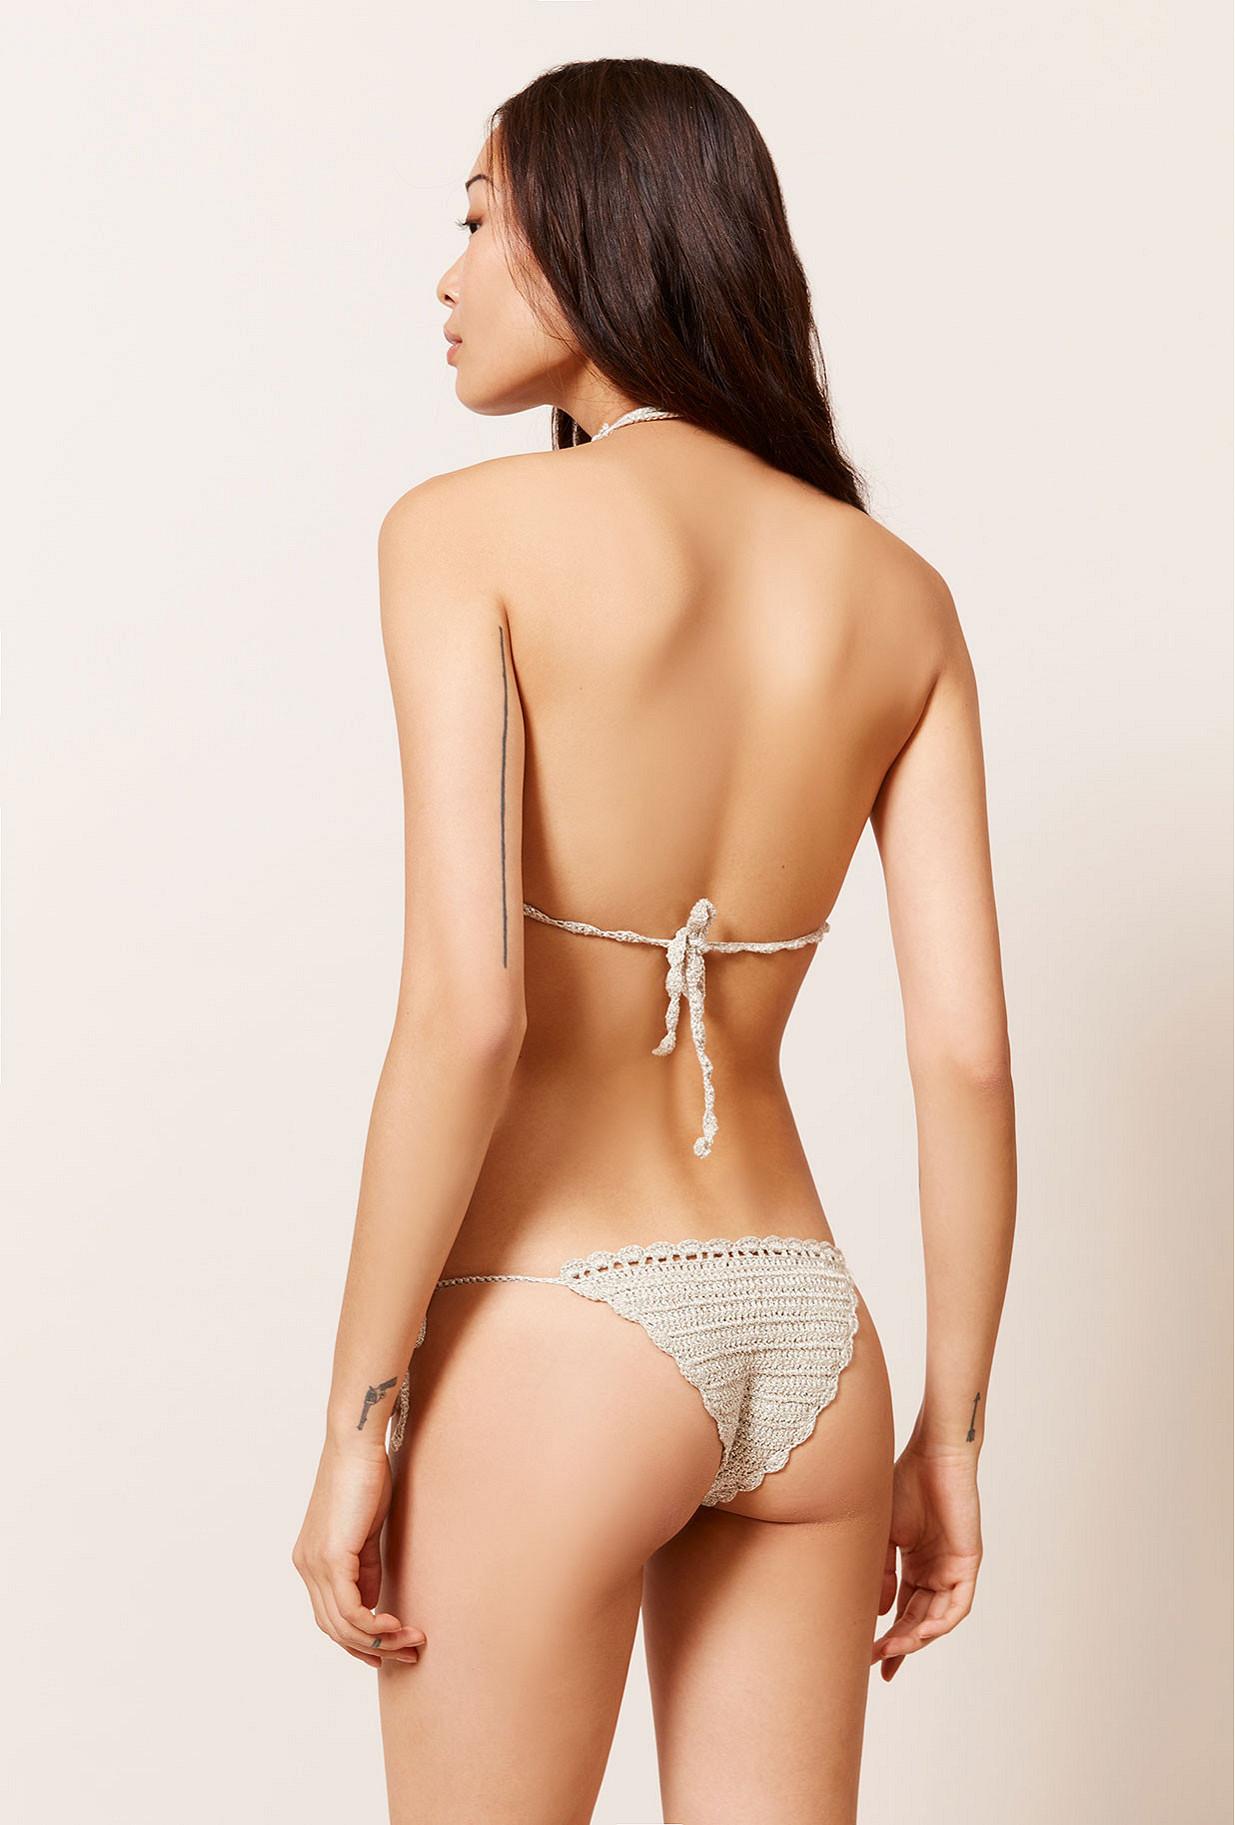 Paris boutique de mode vêtement Bikini créateur bohème Cricri